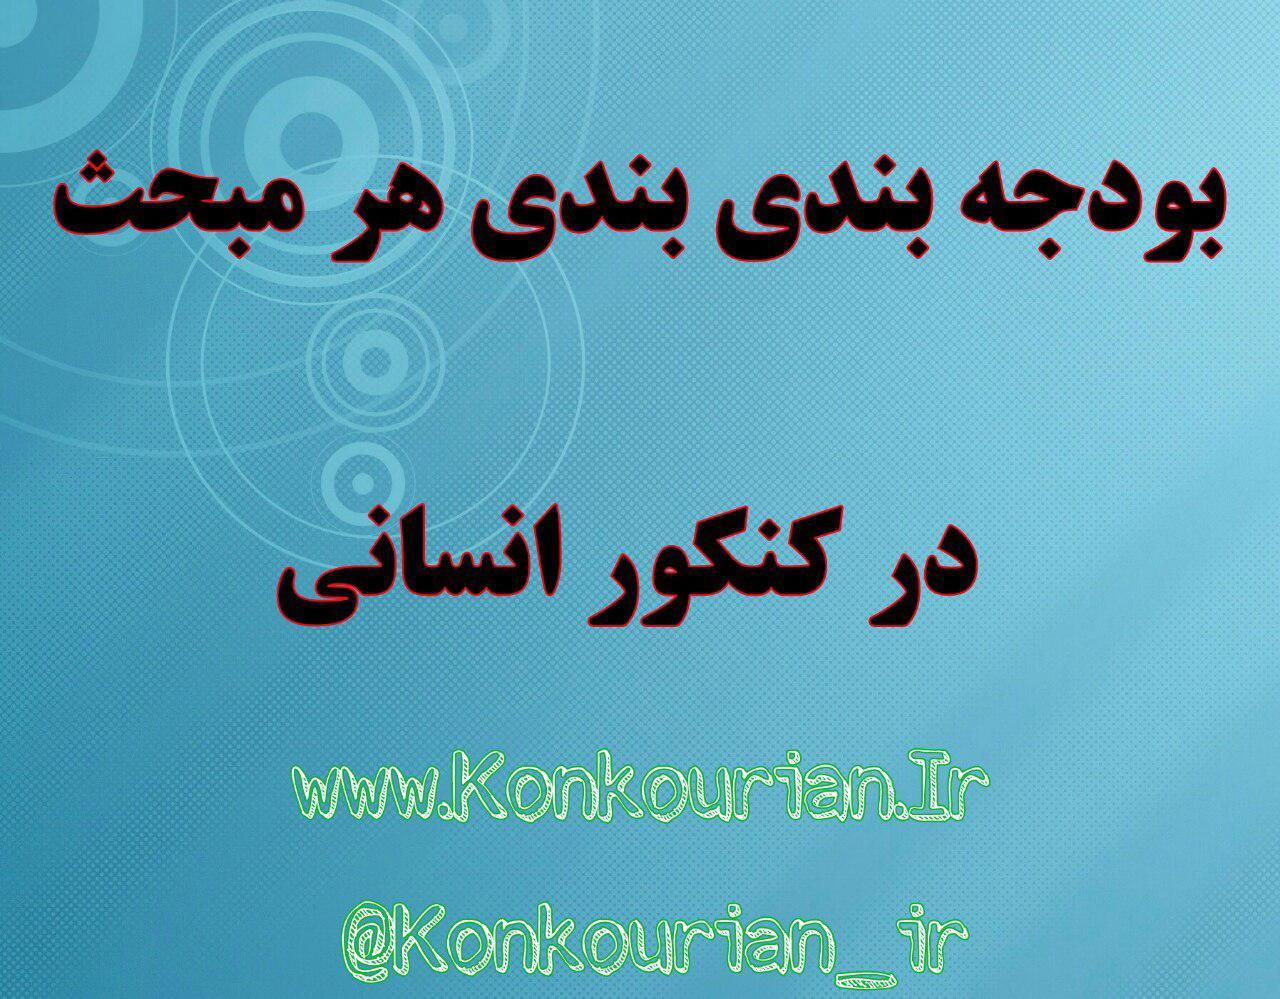 http://s2.picofile.com/file/8262734450/budje_bandi_ensani.jpg